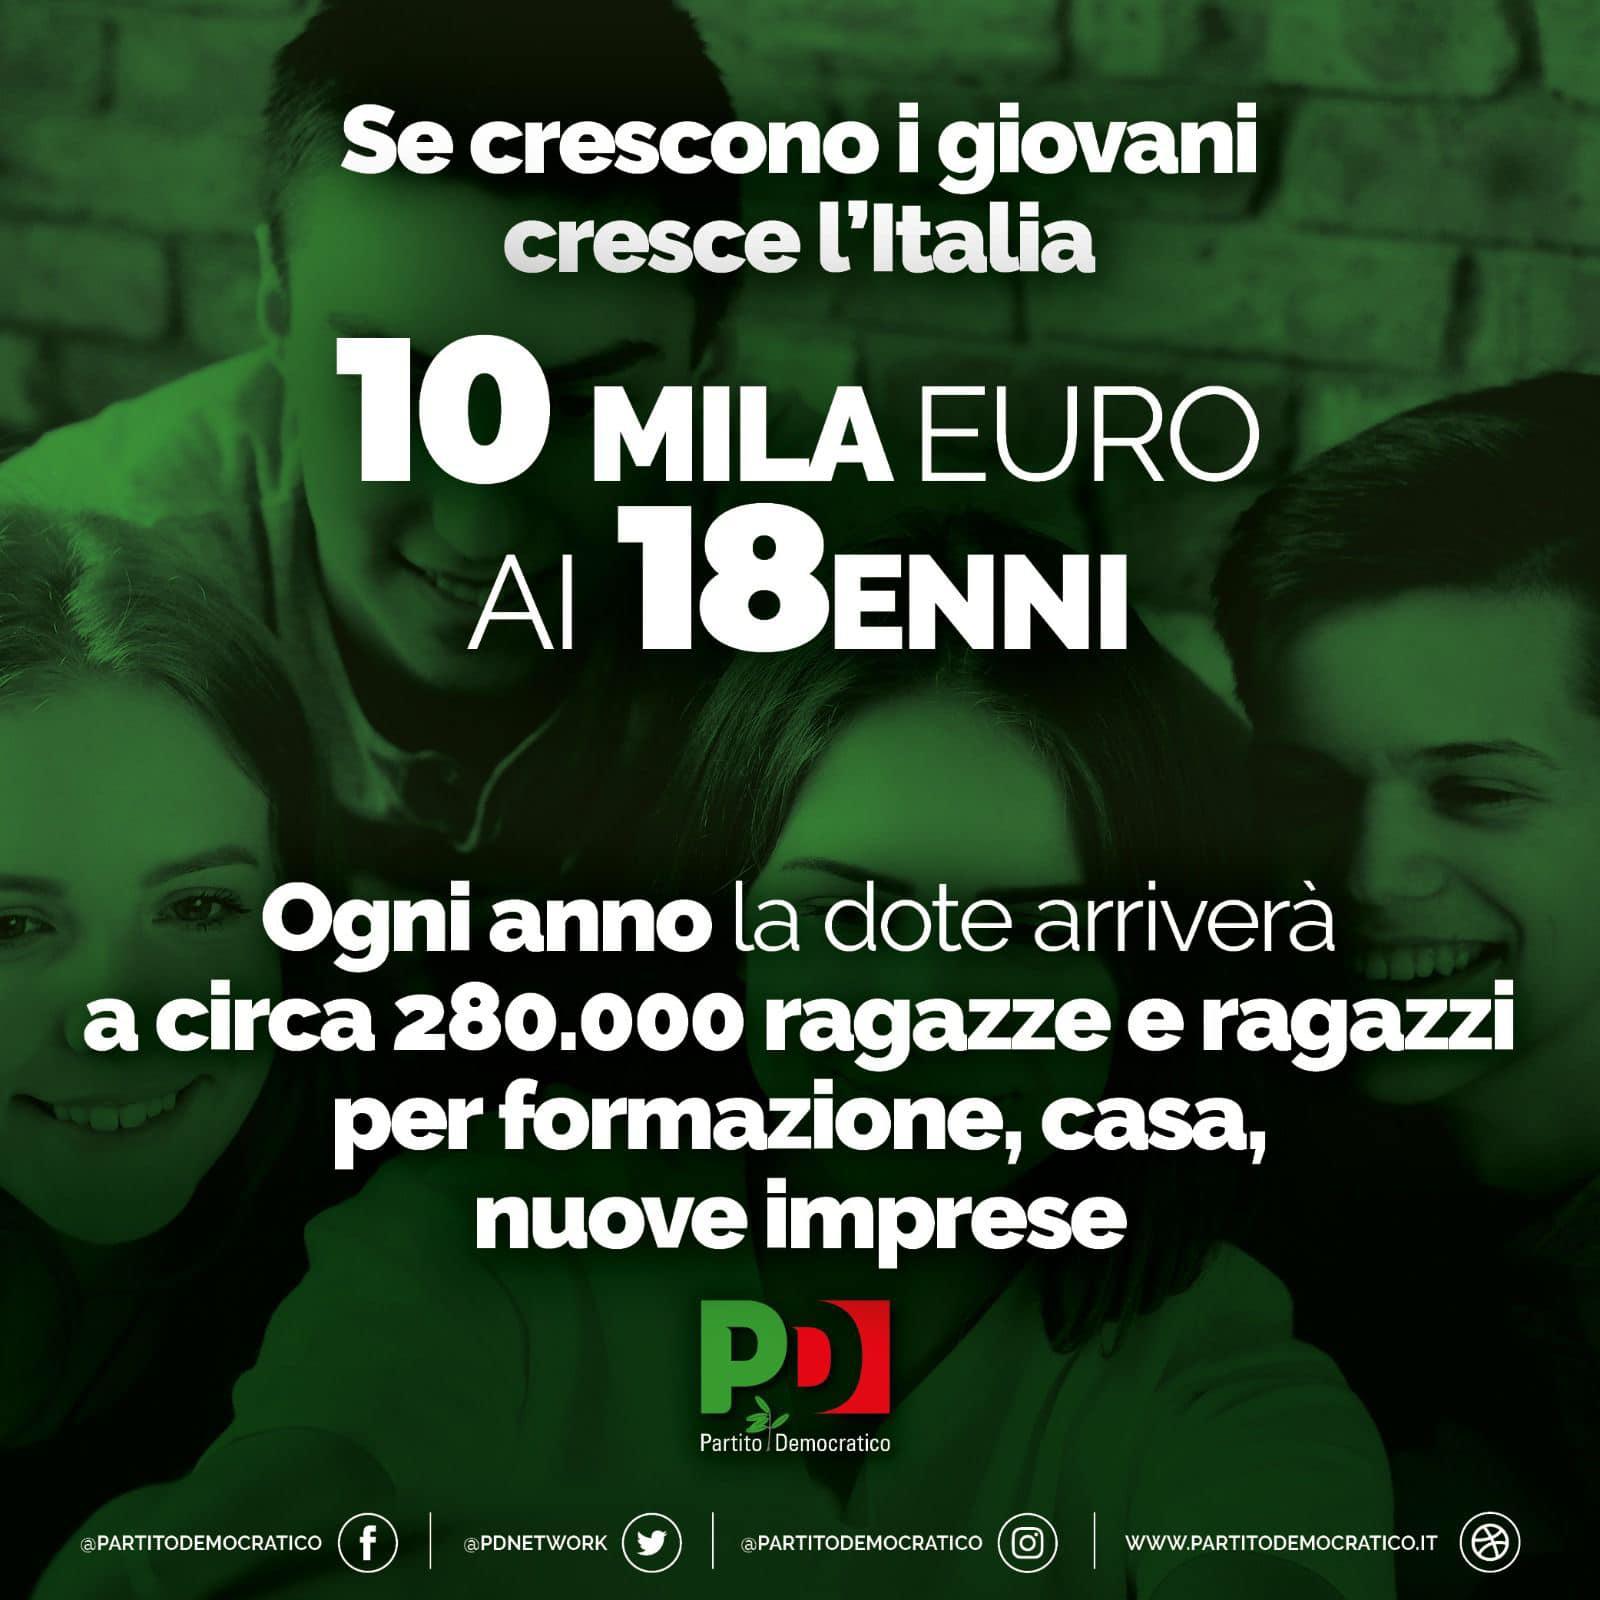 10 mila euro ai 18enni